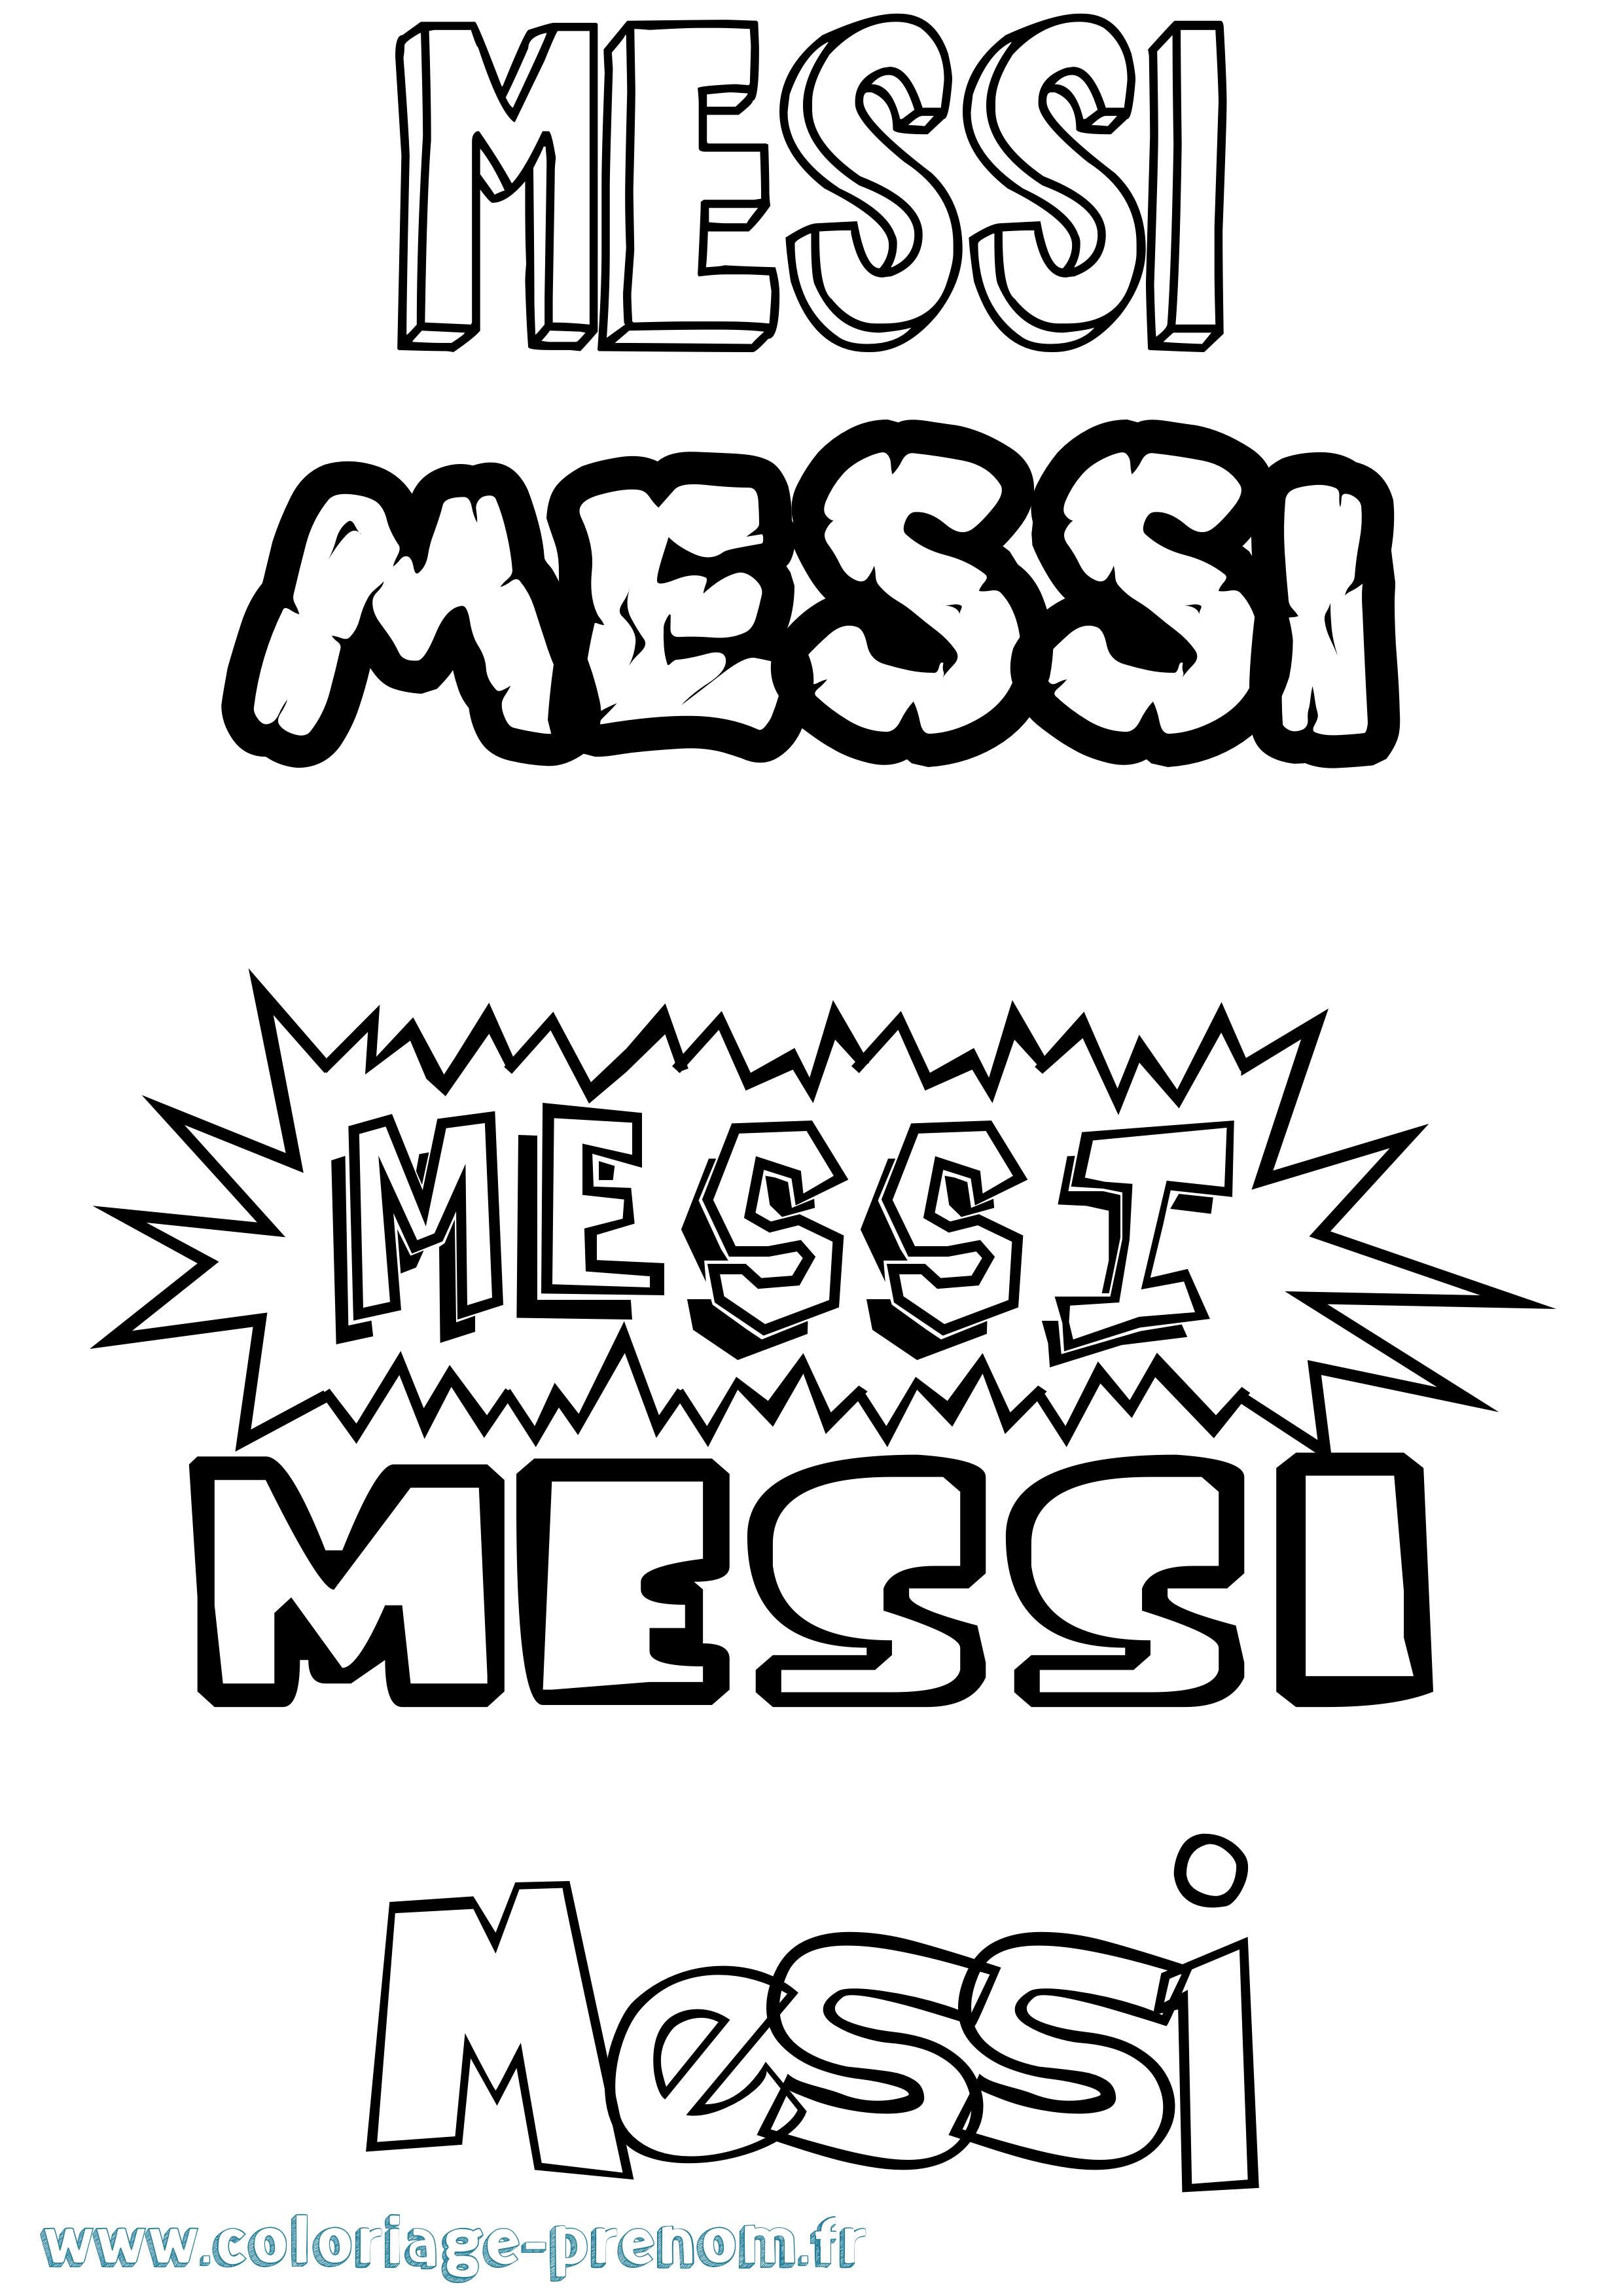 Meilleur de dessin a colorier lionel messi - Coloriage lionel messi ...